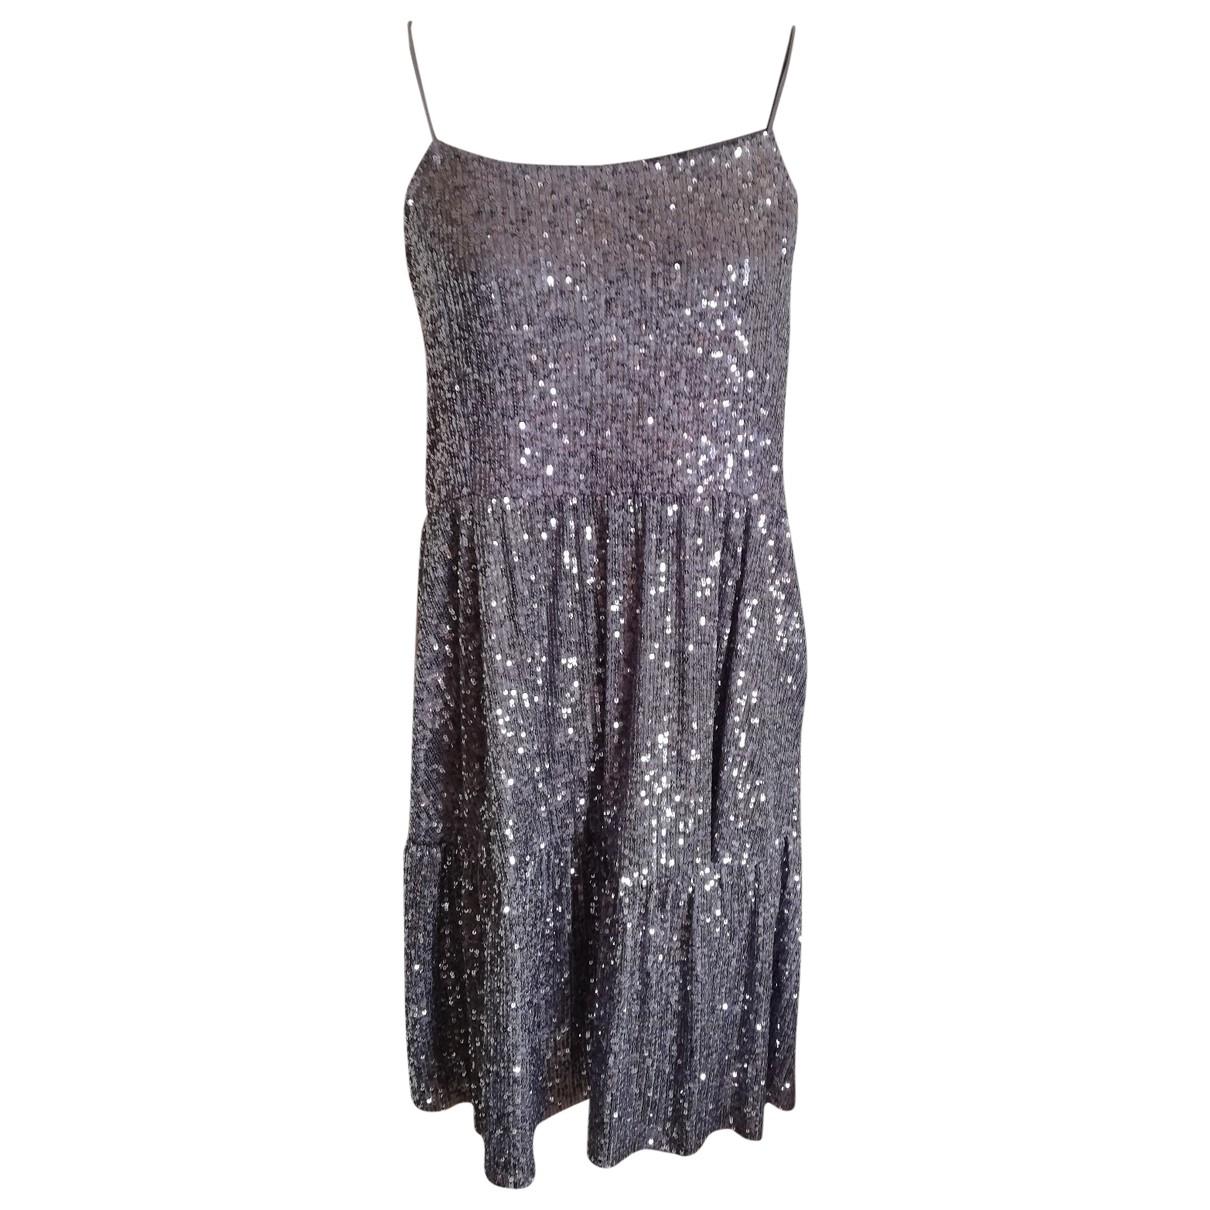 Zara \N Kleid in  Silber Mit Pailletten